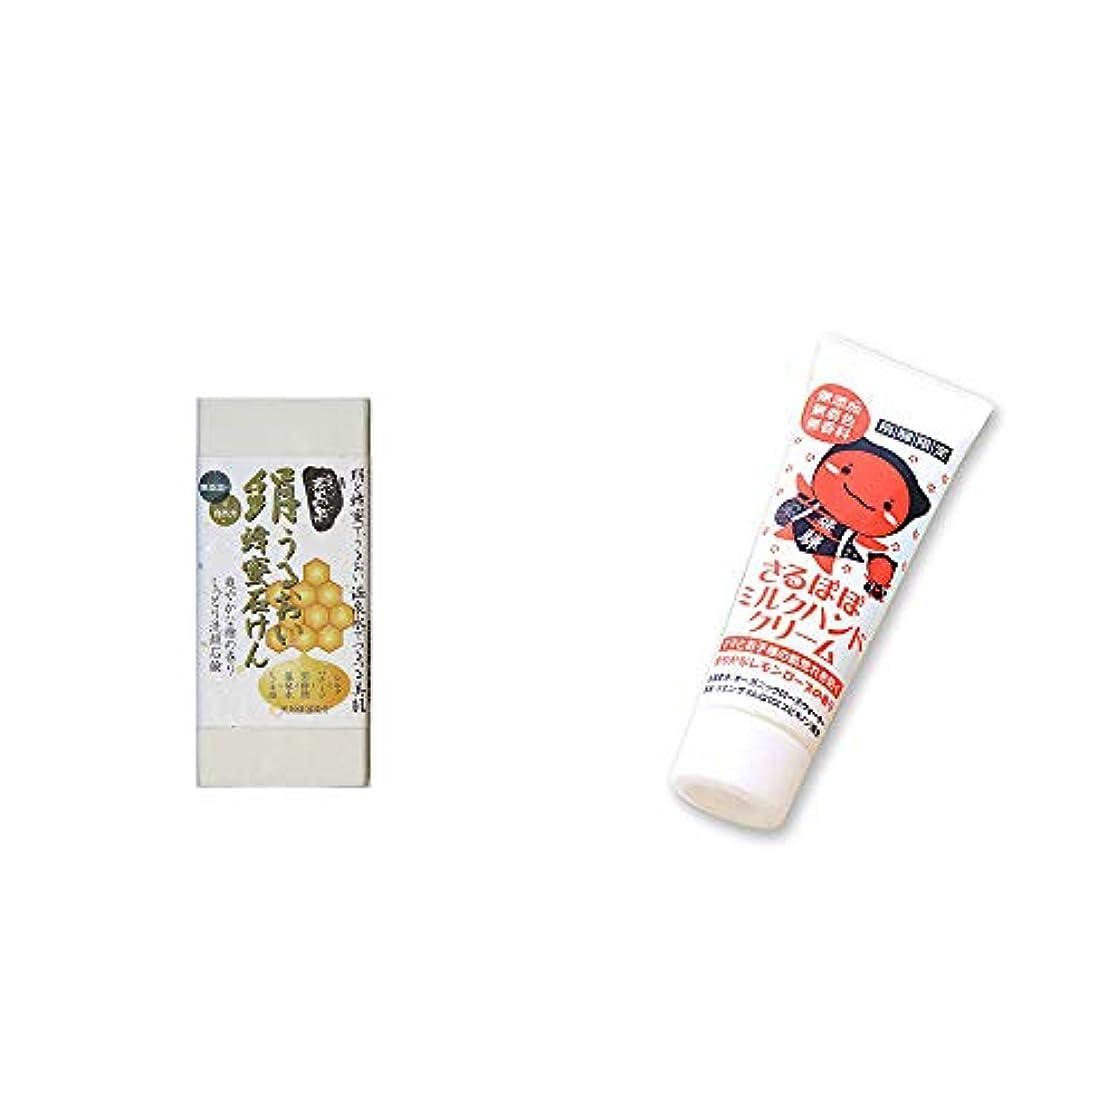 喜び不正薬局[2点セット] ひのき炭黒泉 絹うるおい蜂蜜石けん(75g×2)?さるぼぼ ミルクハンドクリーム(50g)